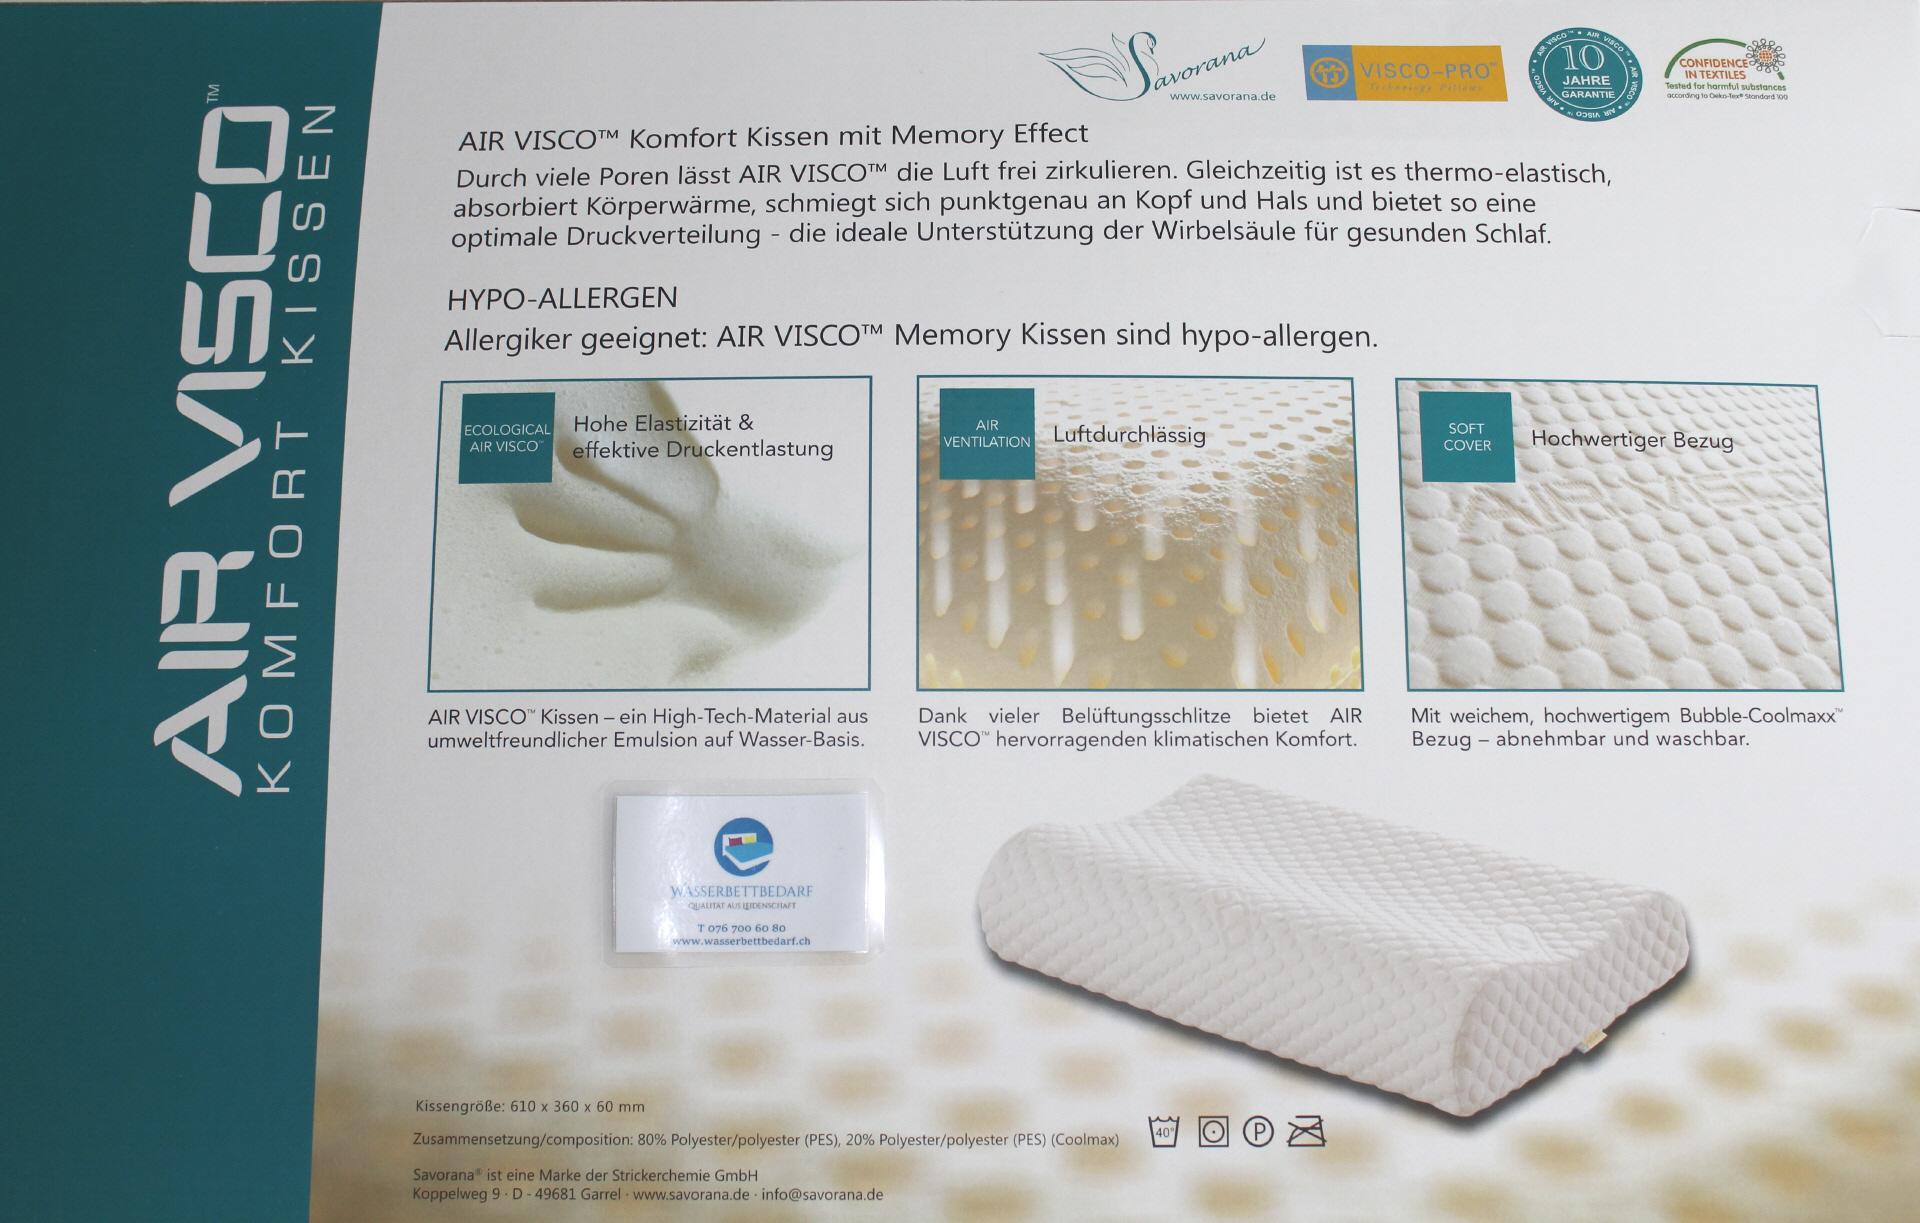 Fesselnde Wasserbettbedarf Beste Wahl Air Visco Kissen Das Thermo-elastische Material Des